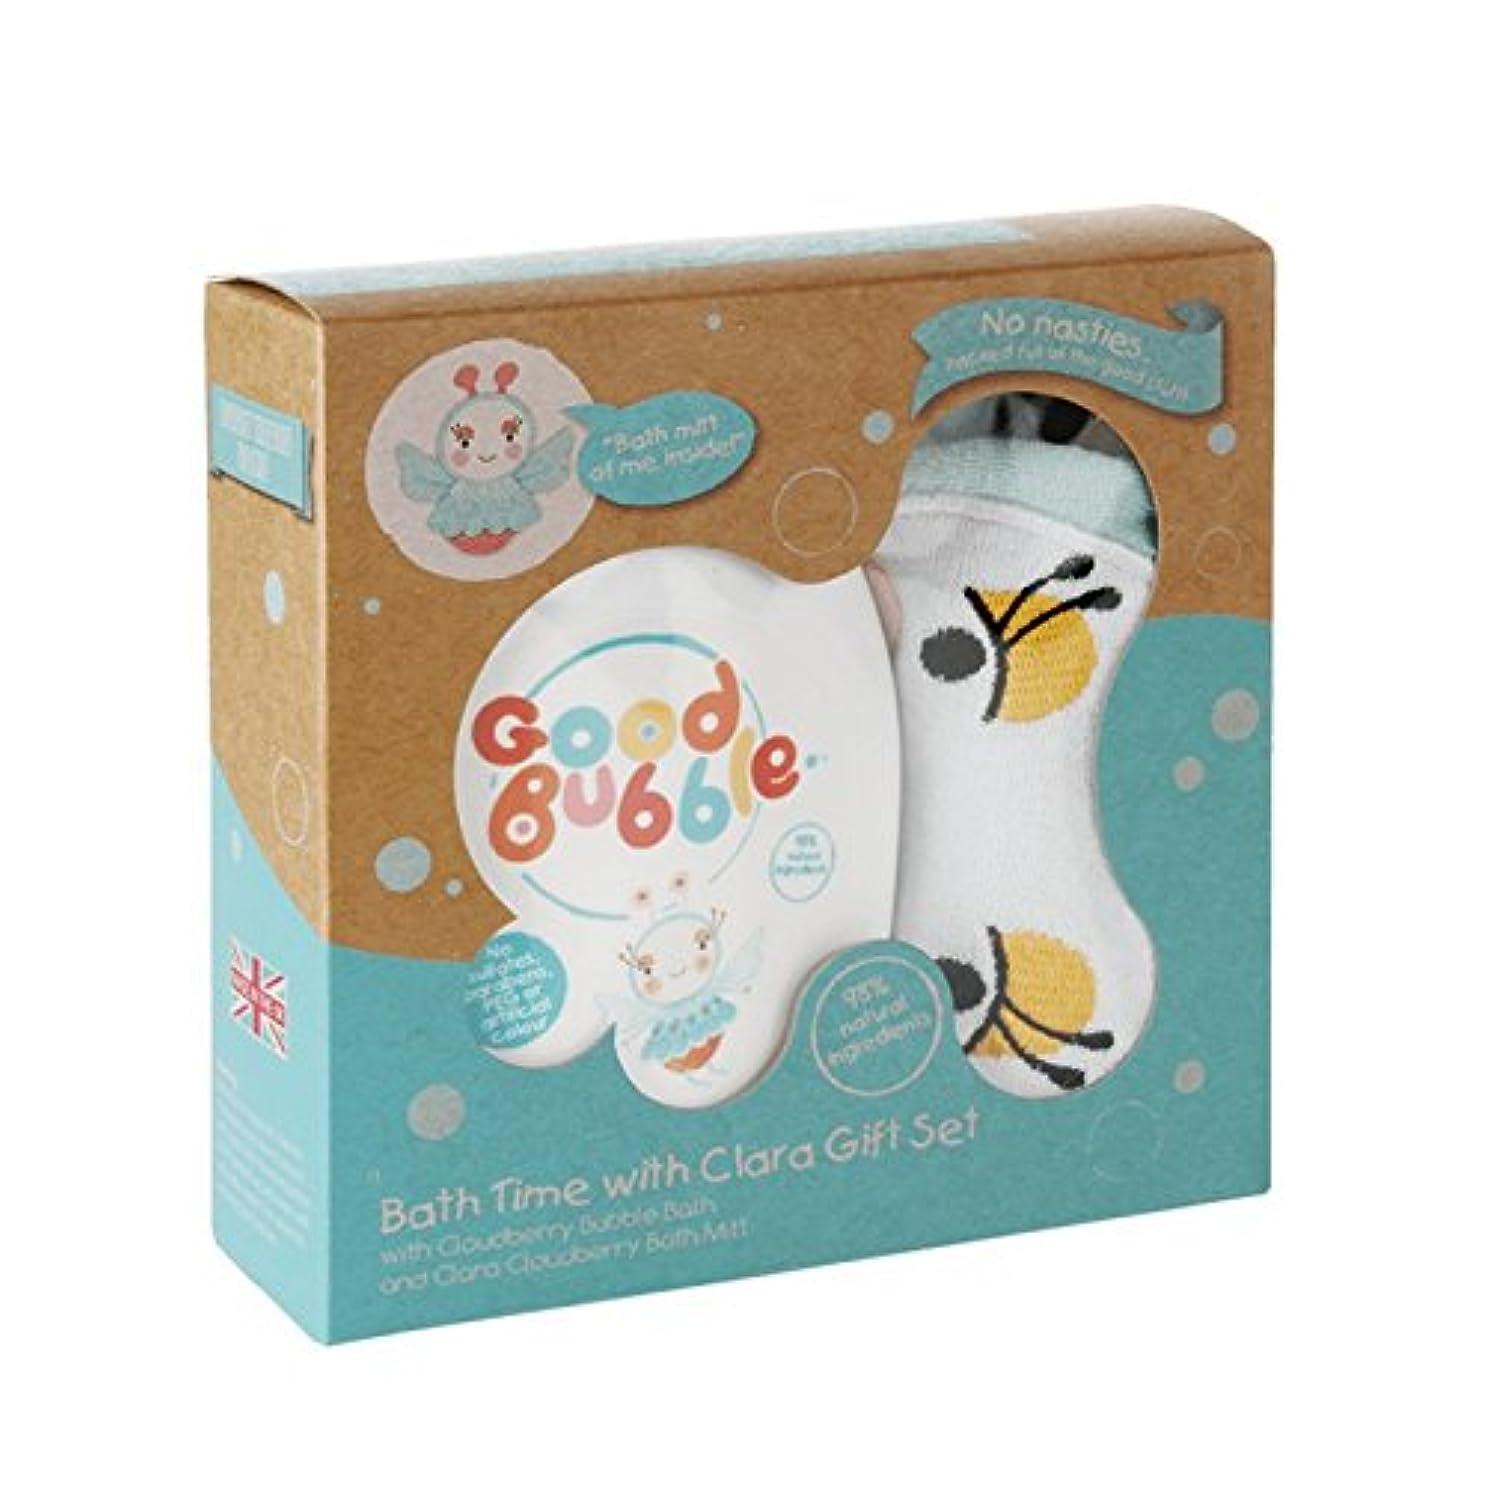 裕福な不機嫌そうなぶどう良いバブルクララクラウドベリーギフトセット550グラム - Good Bubble Clara Cloudberry Gift Set 550g (Good Bubble) [並行輸入品]